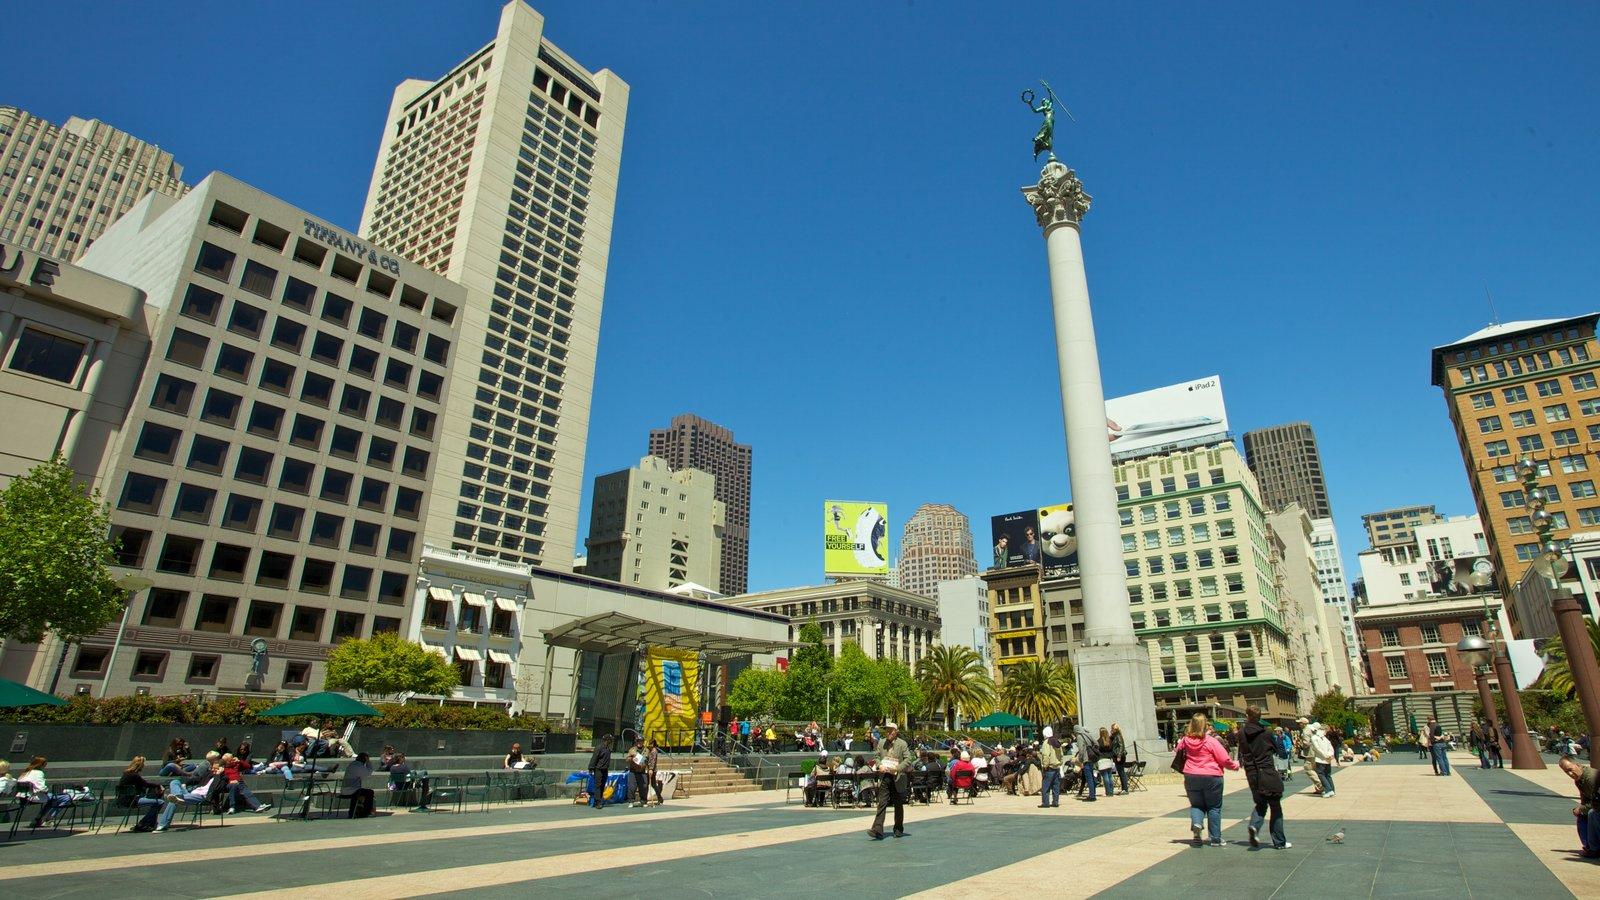 São Francisco mostrando uma cidade, uma praça ou plaza e um edifício